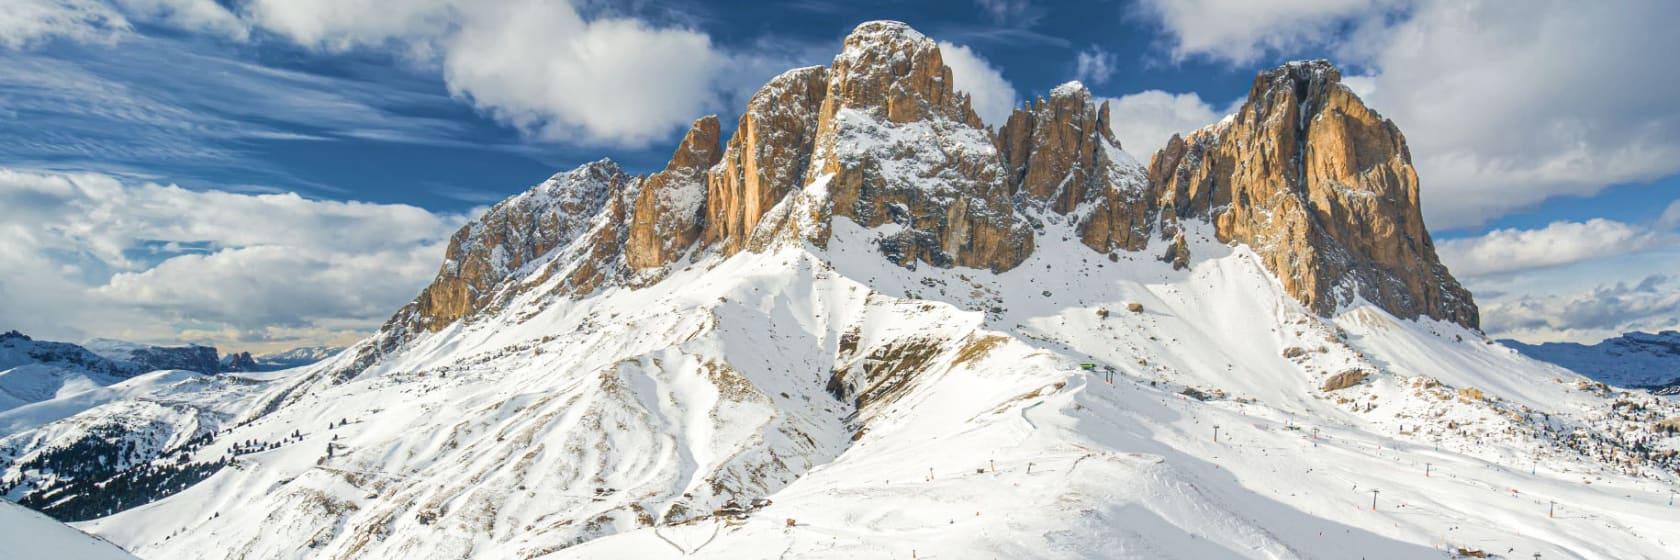 Pister og bjerge med sne og blå himmel med skyer i Canzei